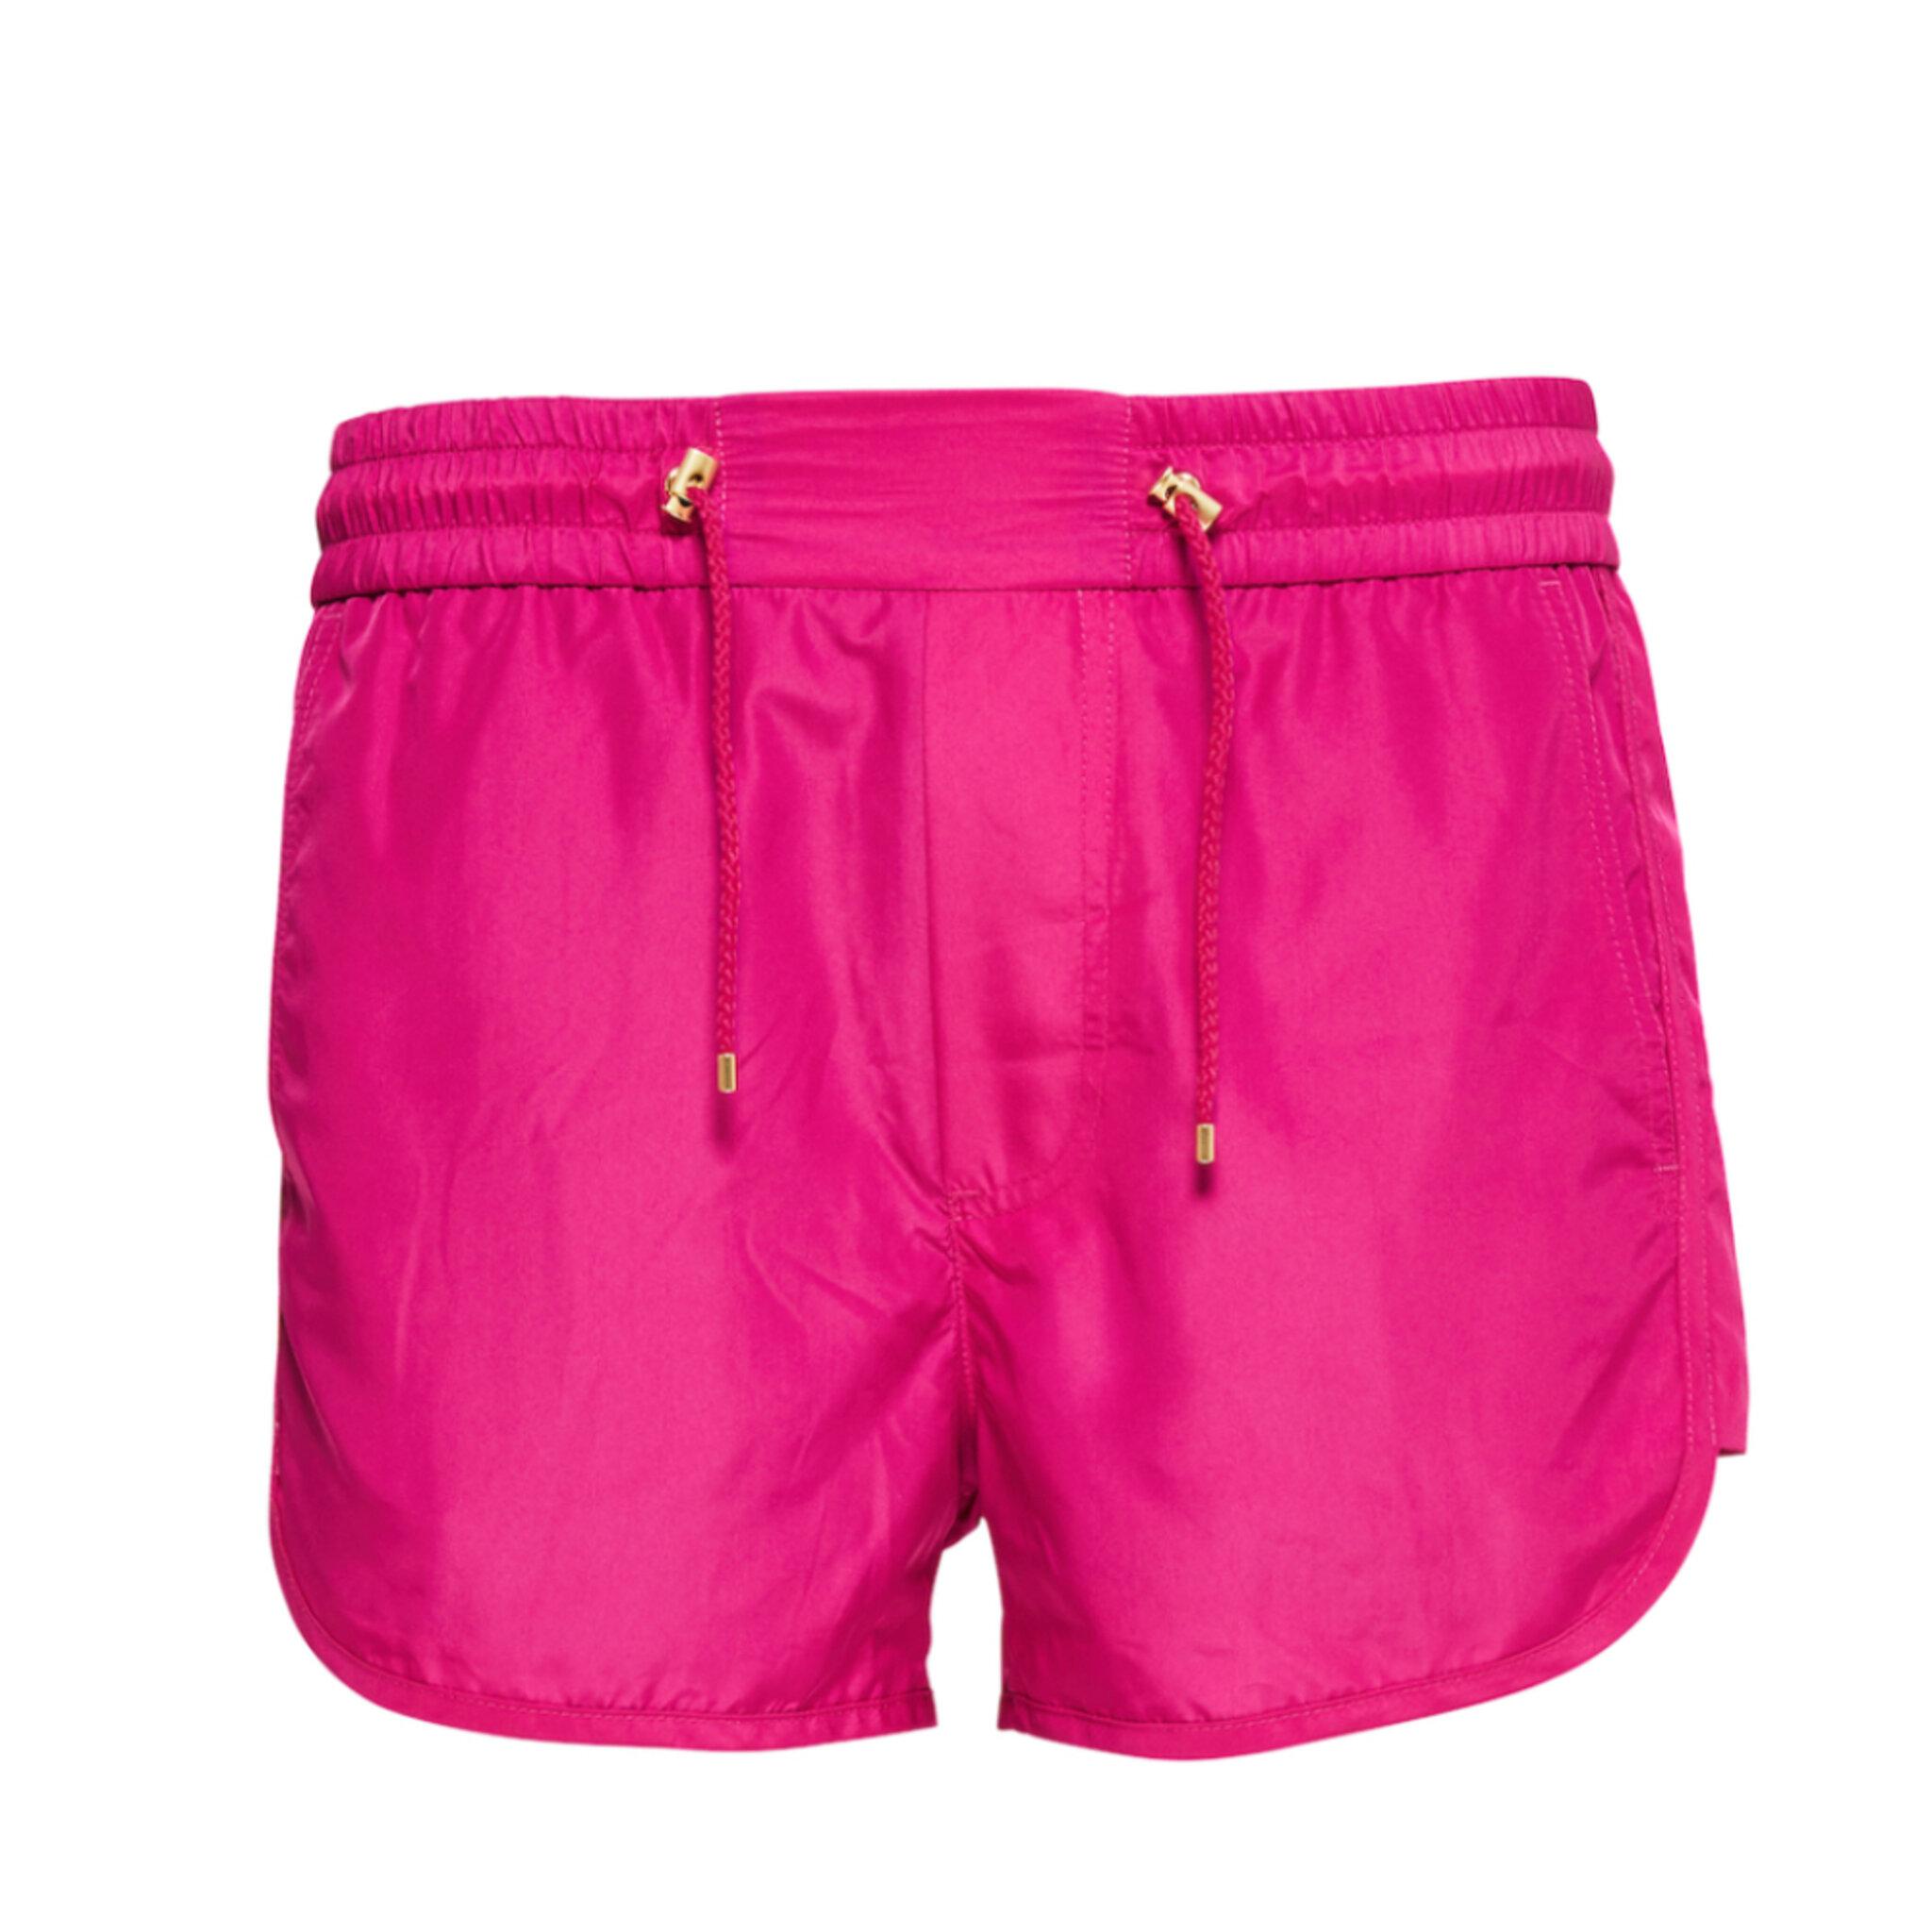 James Nylon Swim Shorts, L